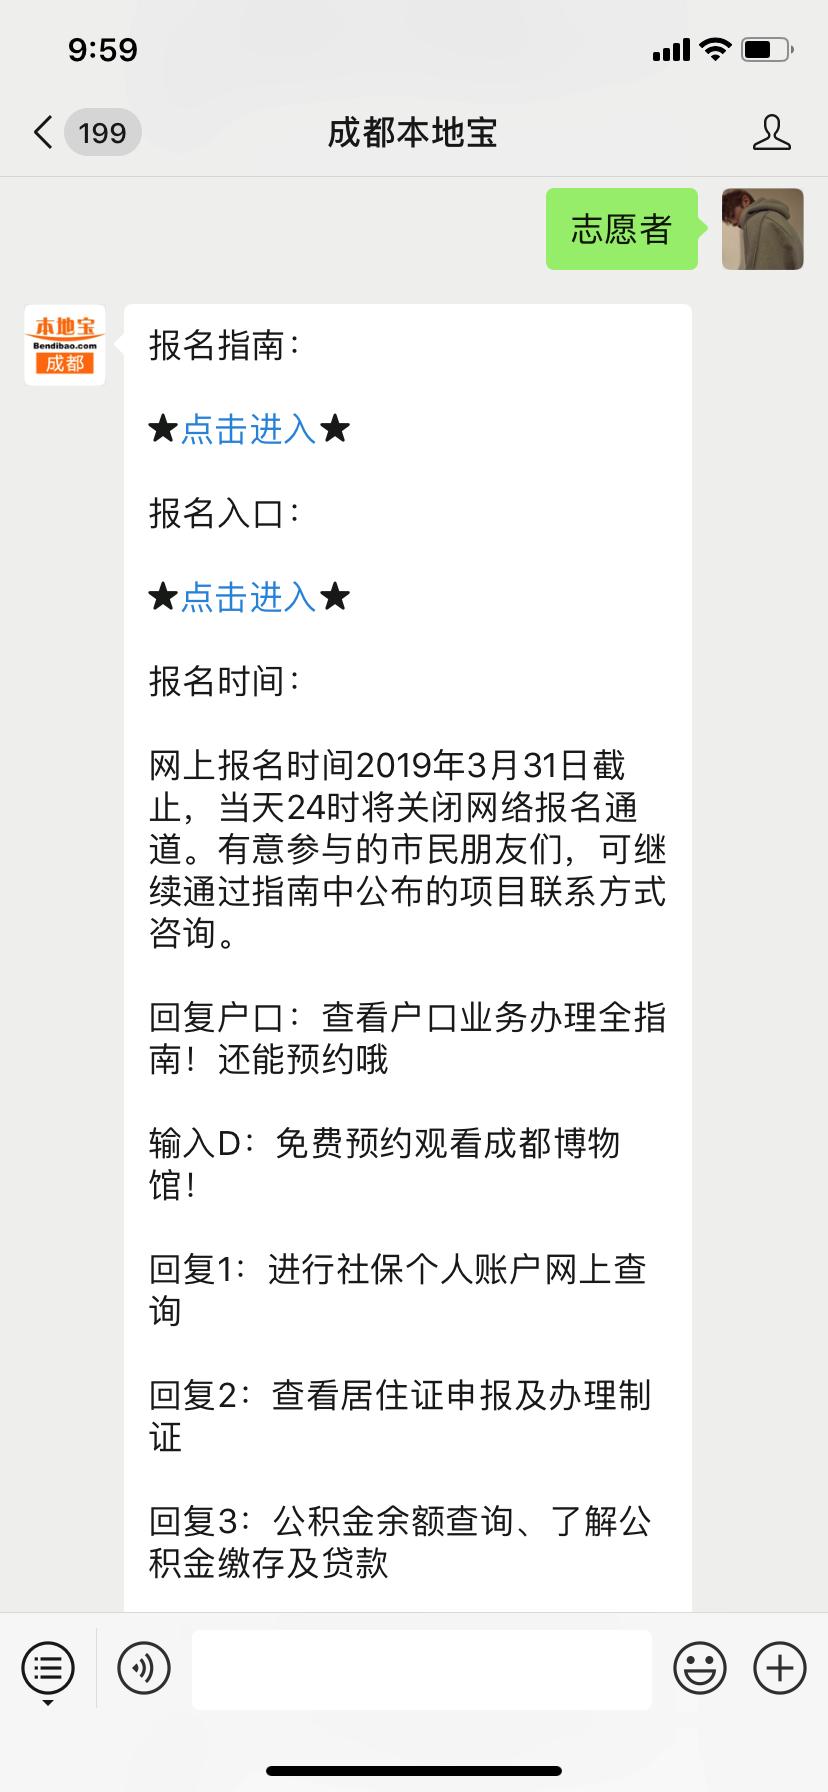 2019年成都志愿服务生活指南